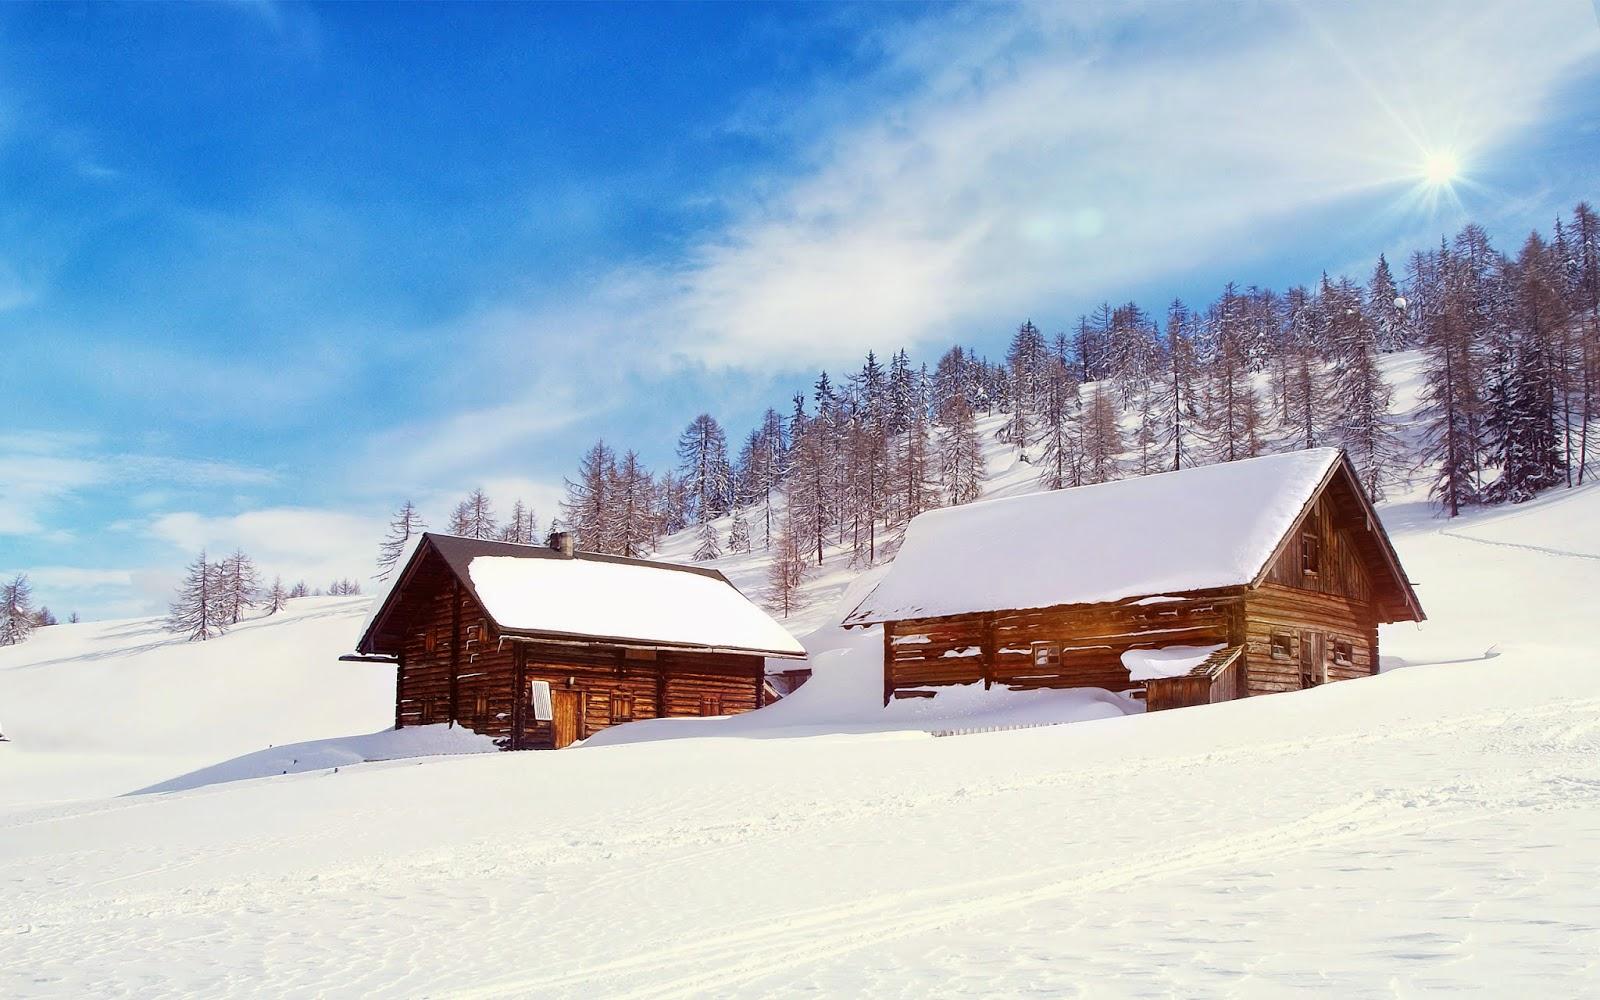 Nieve Wonderland